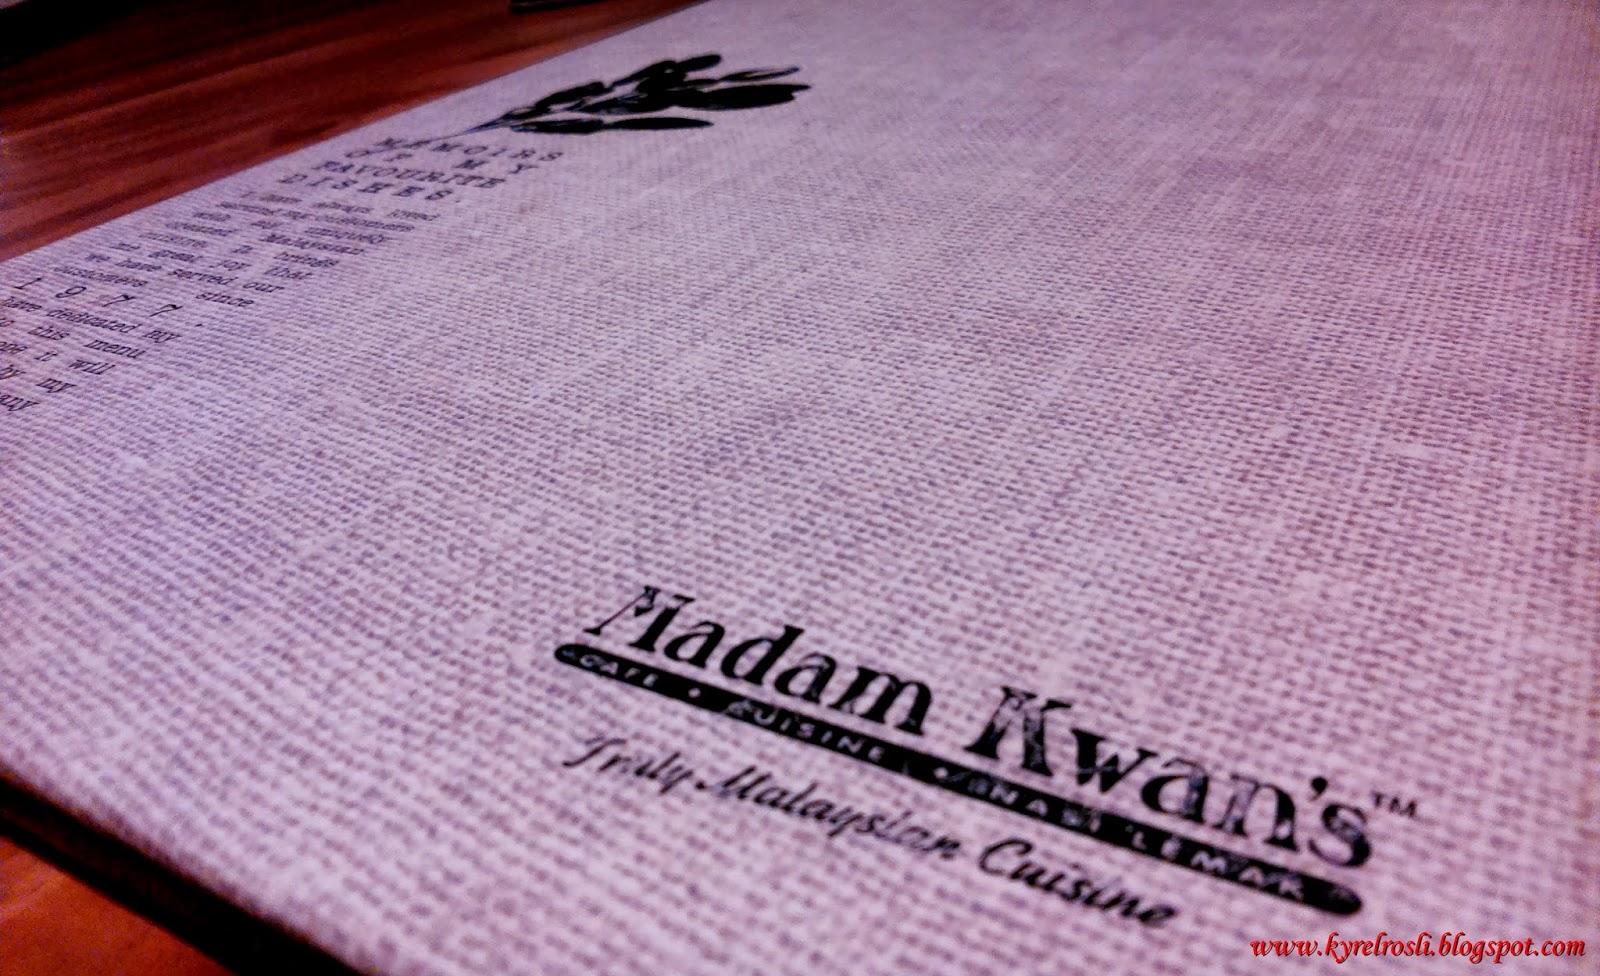 Madam Kwan's Truly Malaysian Cuisine